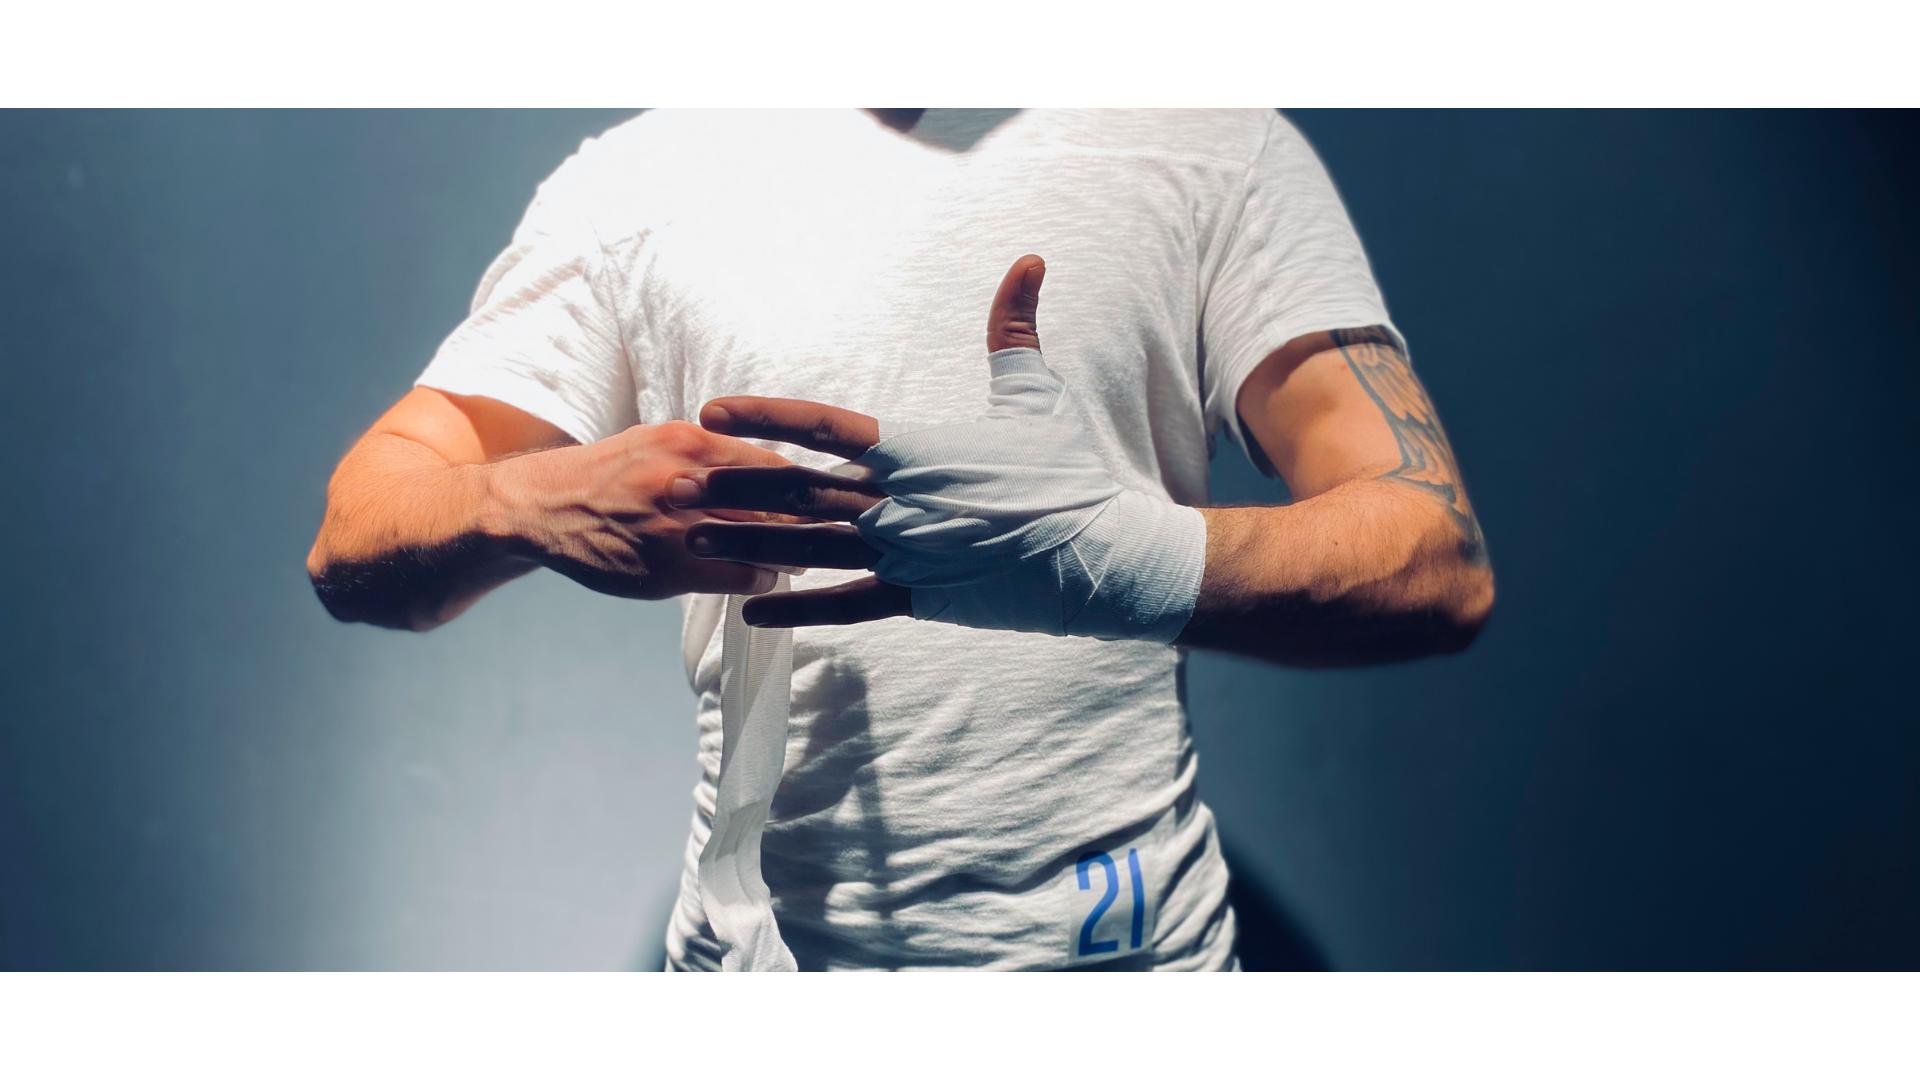 Beyaz bandaj saran bir adamın görseli.